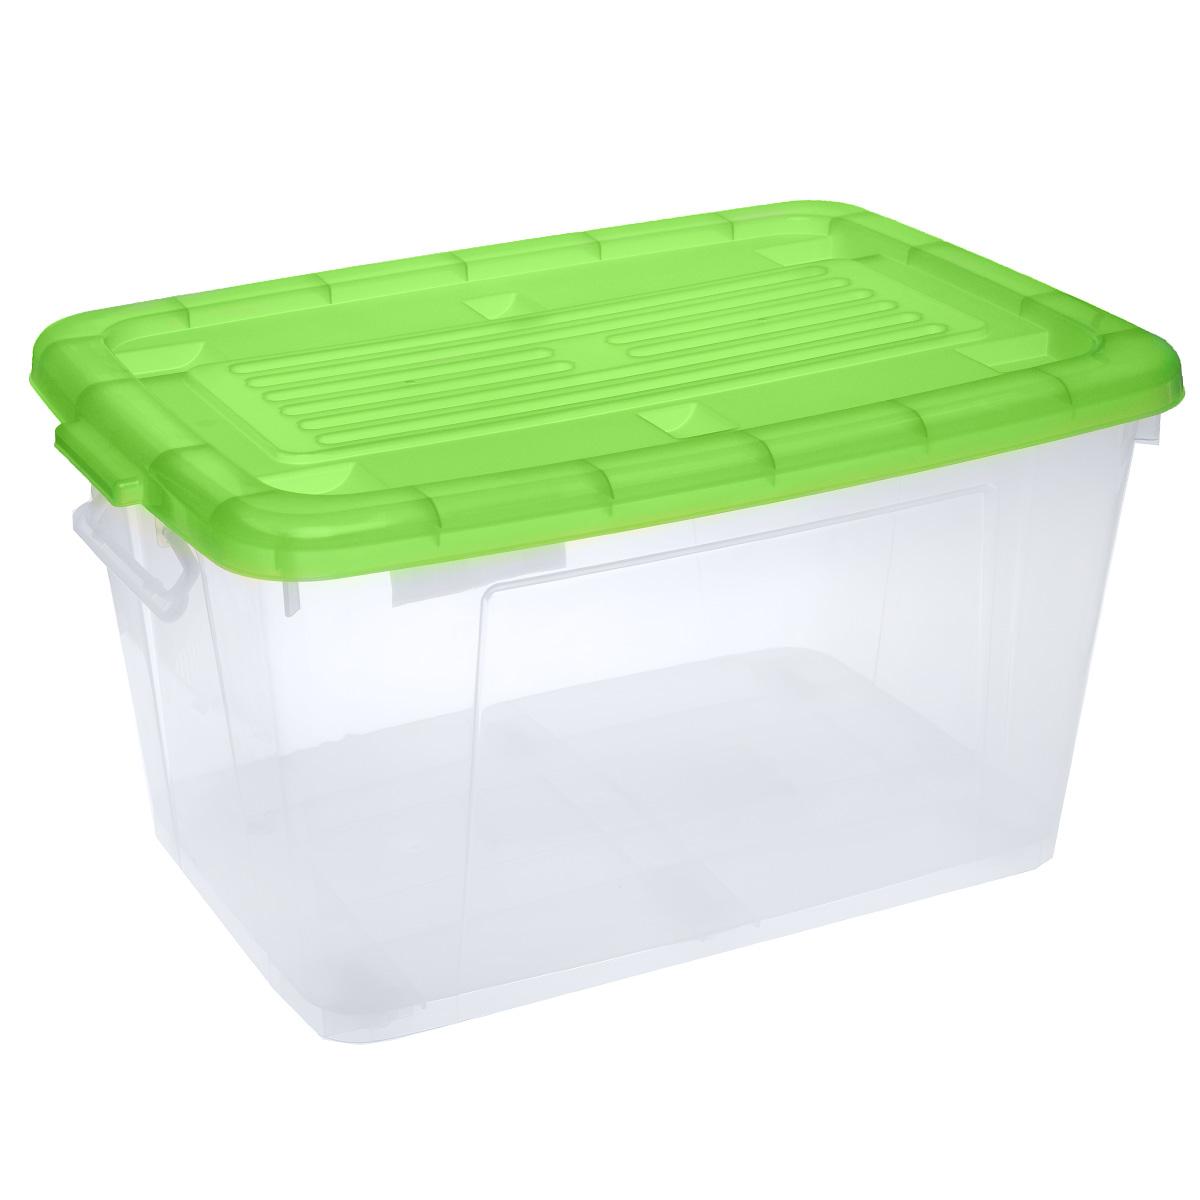 Ящик Darel Box, с крышкой, цвет: прозрачный, зеленый, 75 л10175Ящик Darel Box, изготовленный из прозрачного пластика, оснащен ручками и плотно закрывающейся крышкой. Изделие предназначено для хранения различных бытовых вещей. Идеально подойдет для хранения белья, продуктов, игрушек. Будет незаменим на даче, в гараже или кладовой. Выдерживает температурные перепады от -25°С до +95°С. Изделие имеет четыре маленьких колесика, обеспечивающих удобство перемещения ящика. Размер ящика: 68 см х 47 см х 37 см.